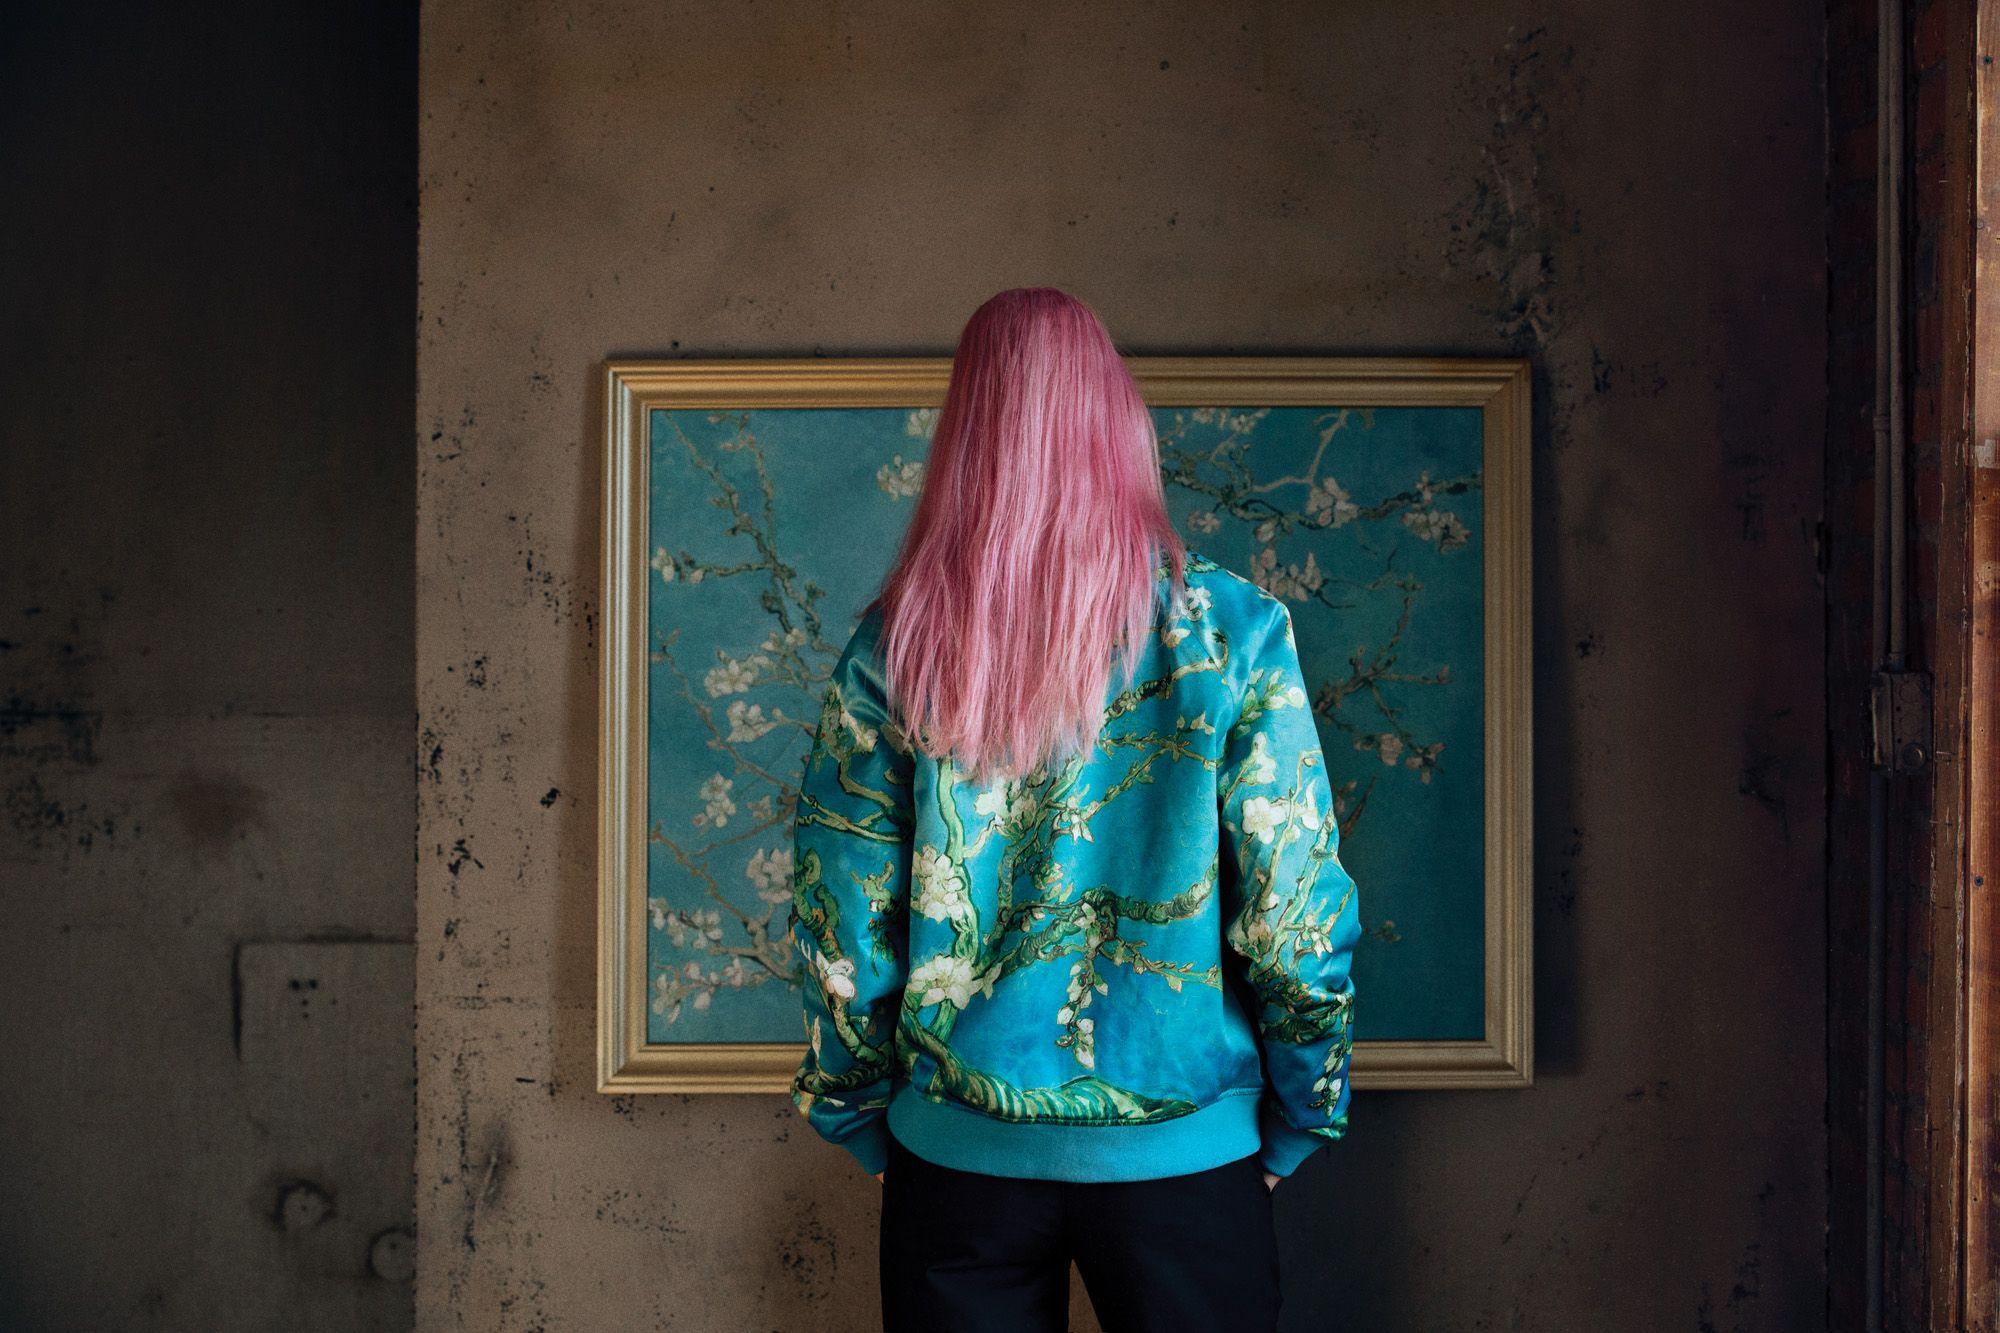 Kunst op mode is een hit, maar lenen alle kunstwerken zich